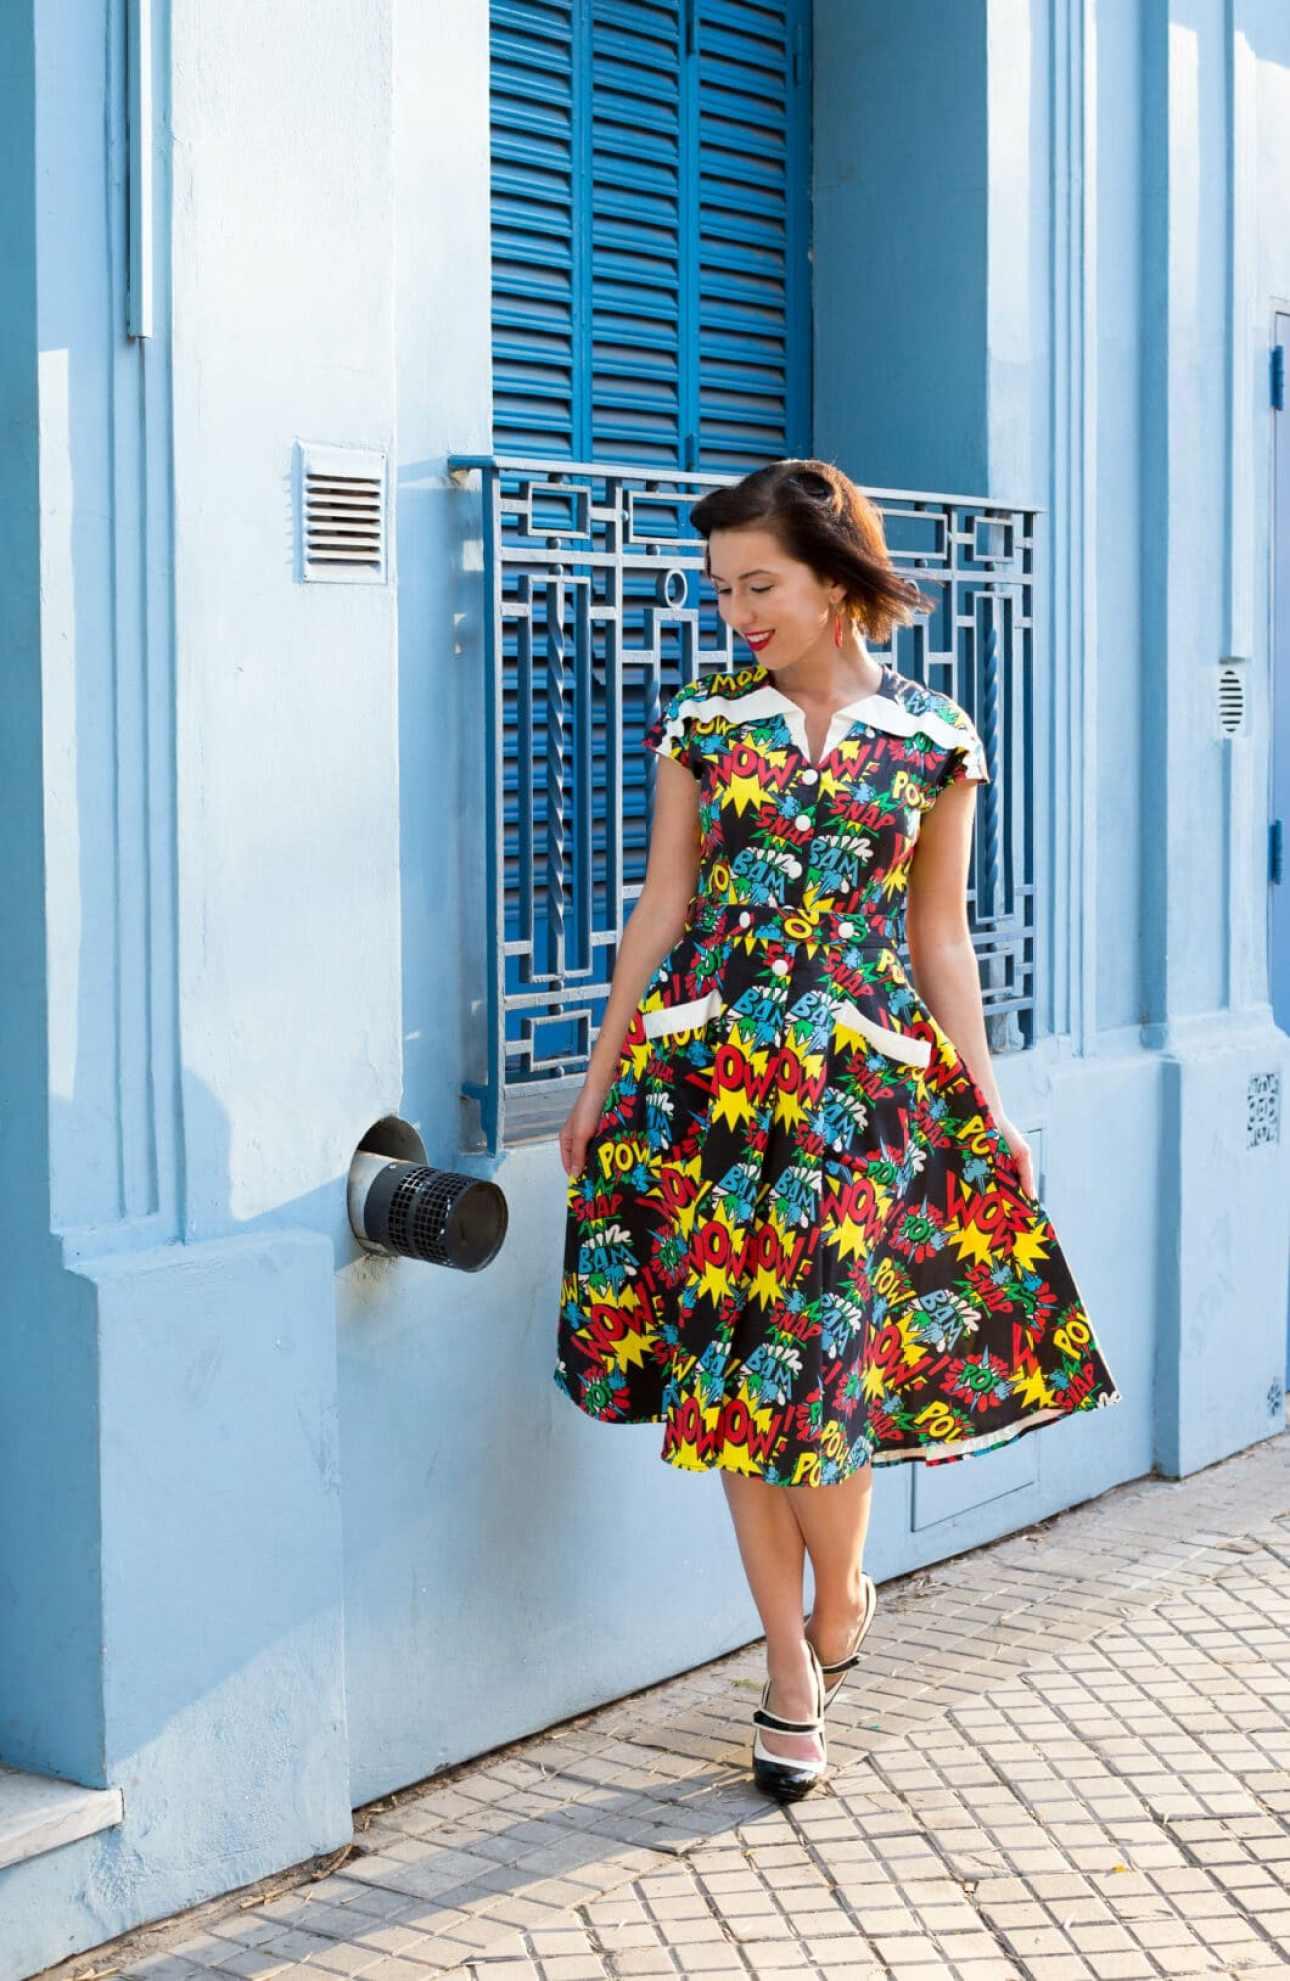 Unique Vintage pop art dress